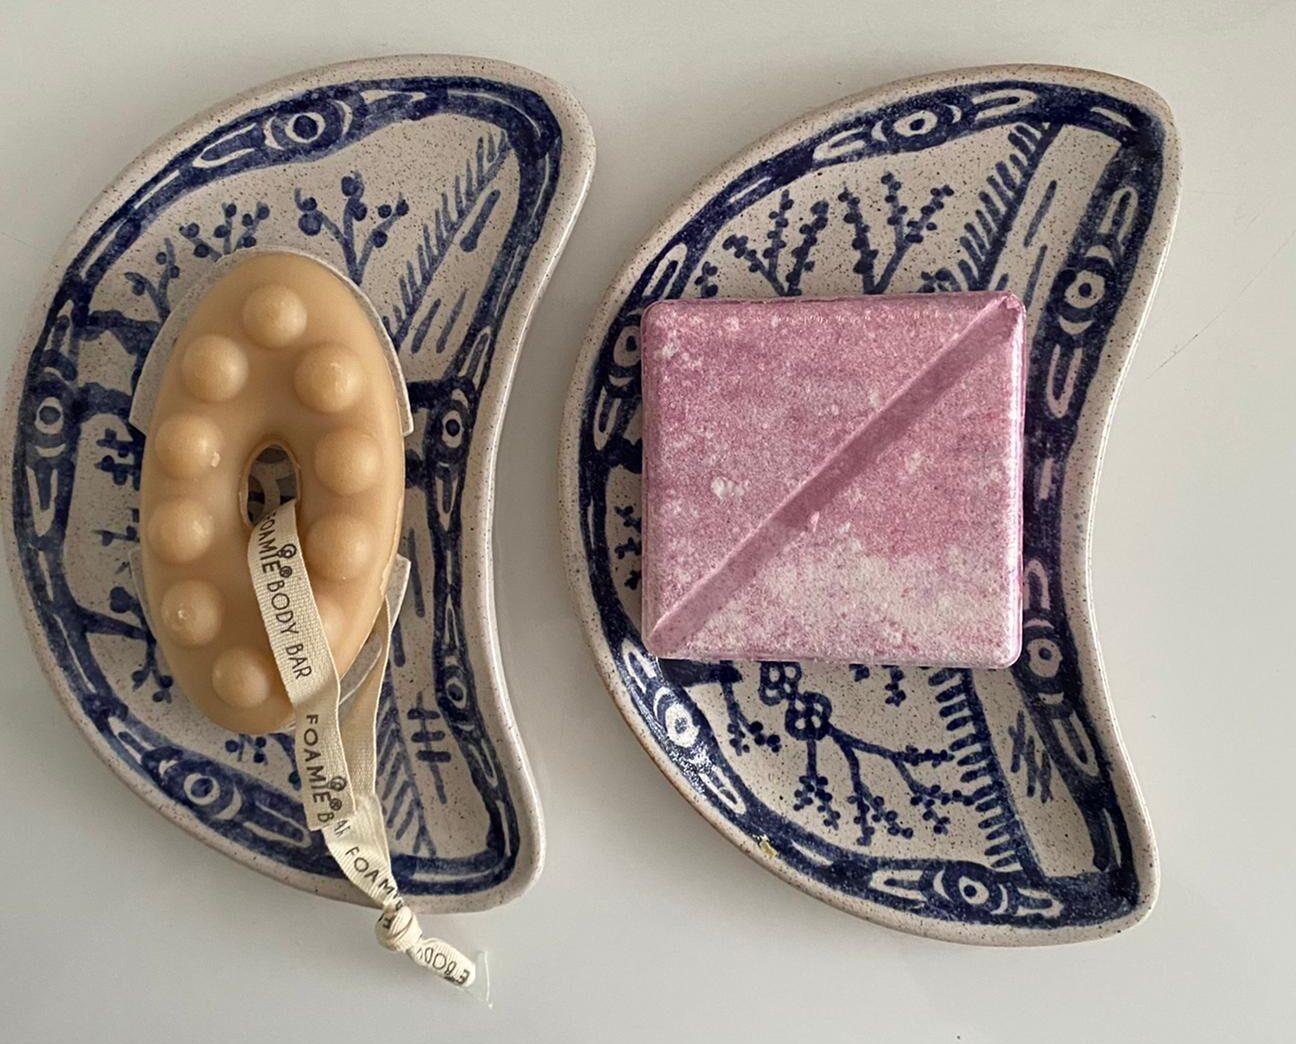 Foamie soapbar